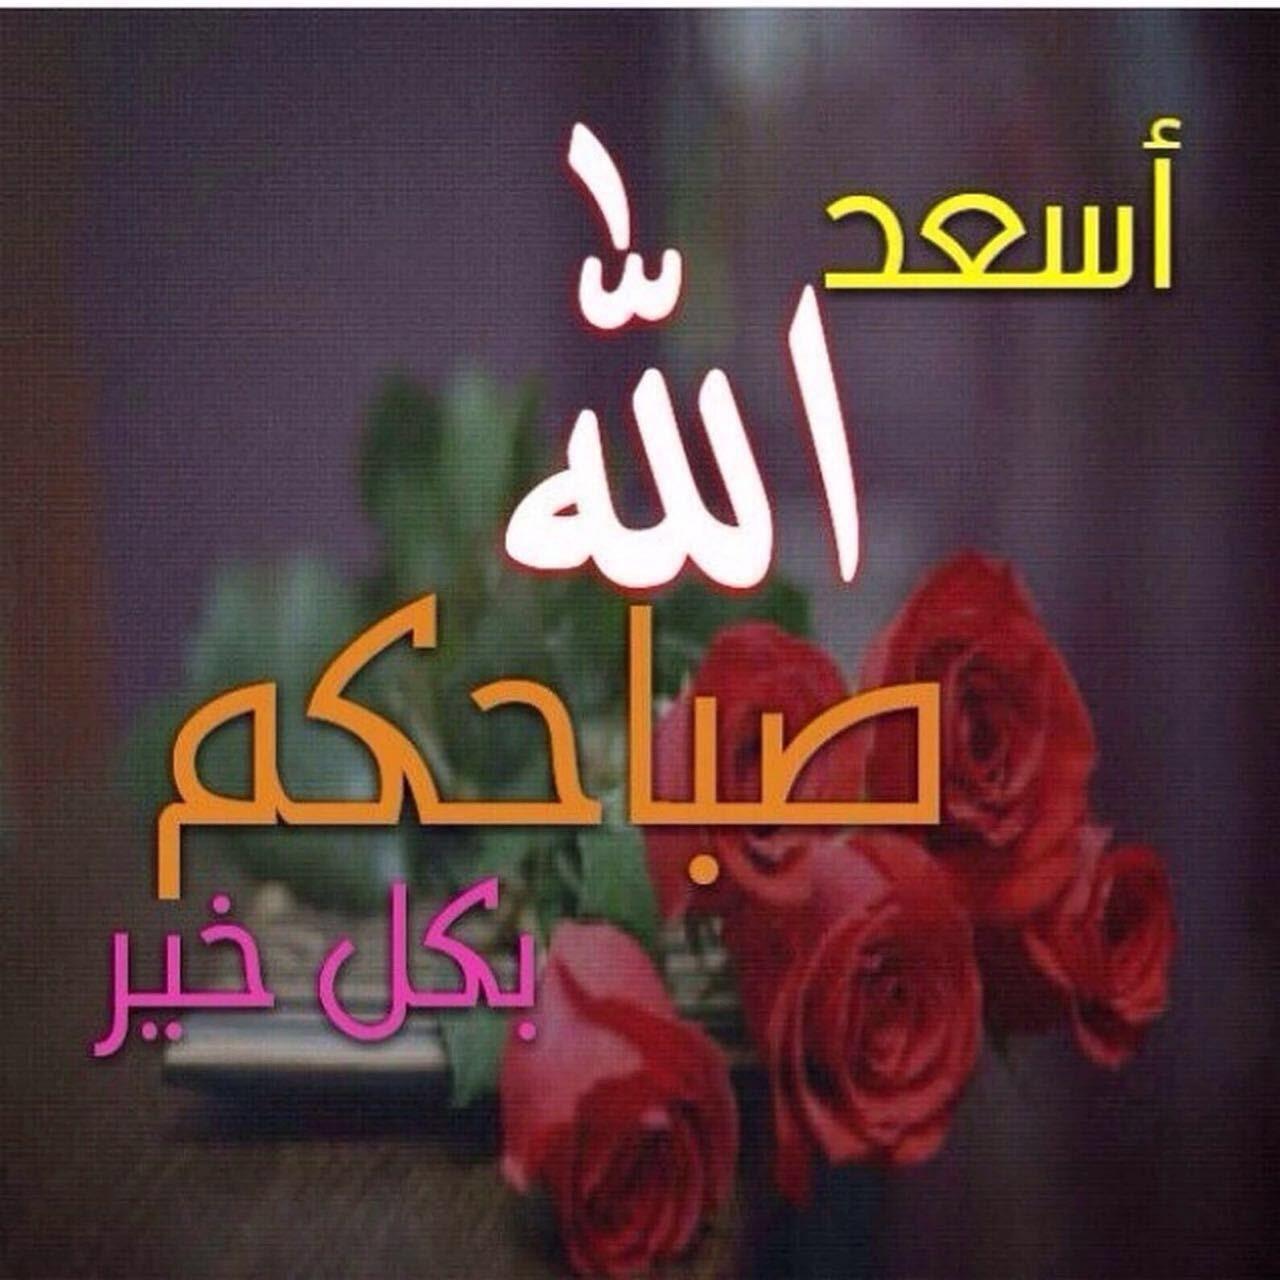 بالصور صباح الورد حبيبي , صباحك سعادة وهنا حبيبي 4952 7